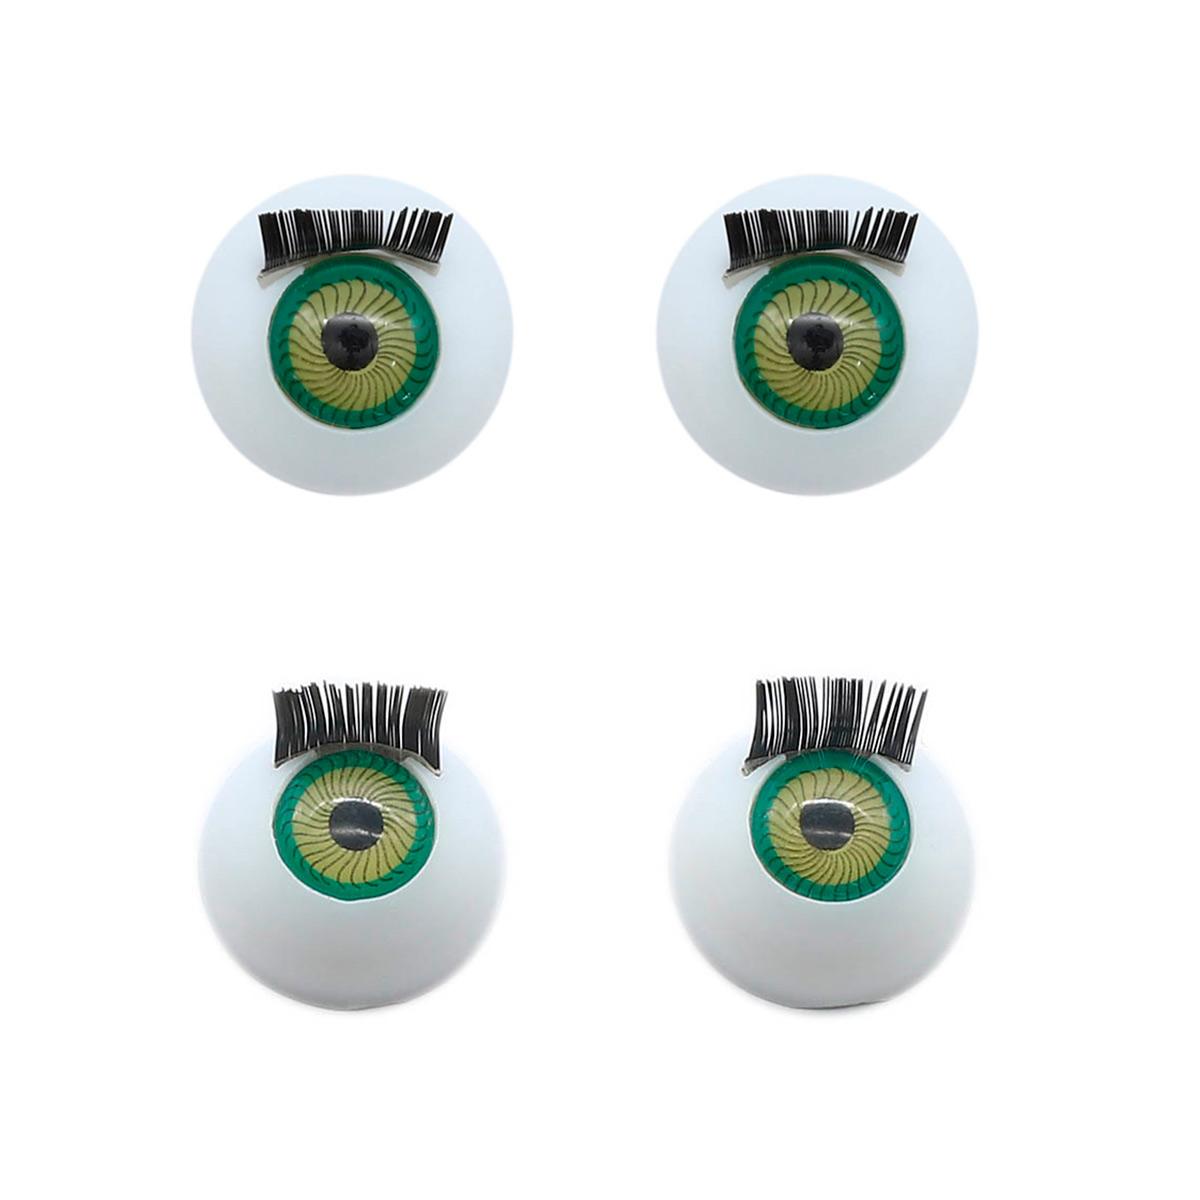 Глаза с ресничками круглые 16мм, 4 шт/упак